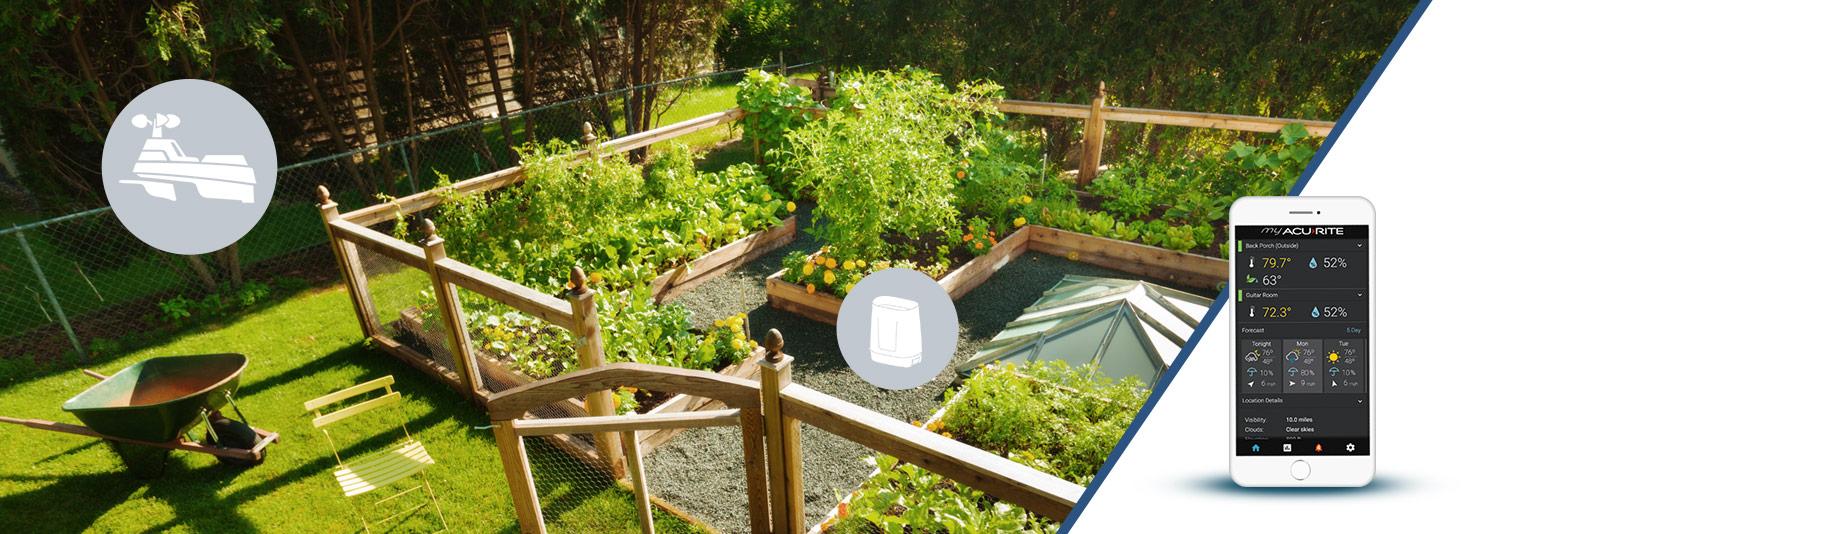 garden with sensors